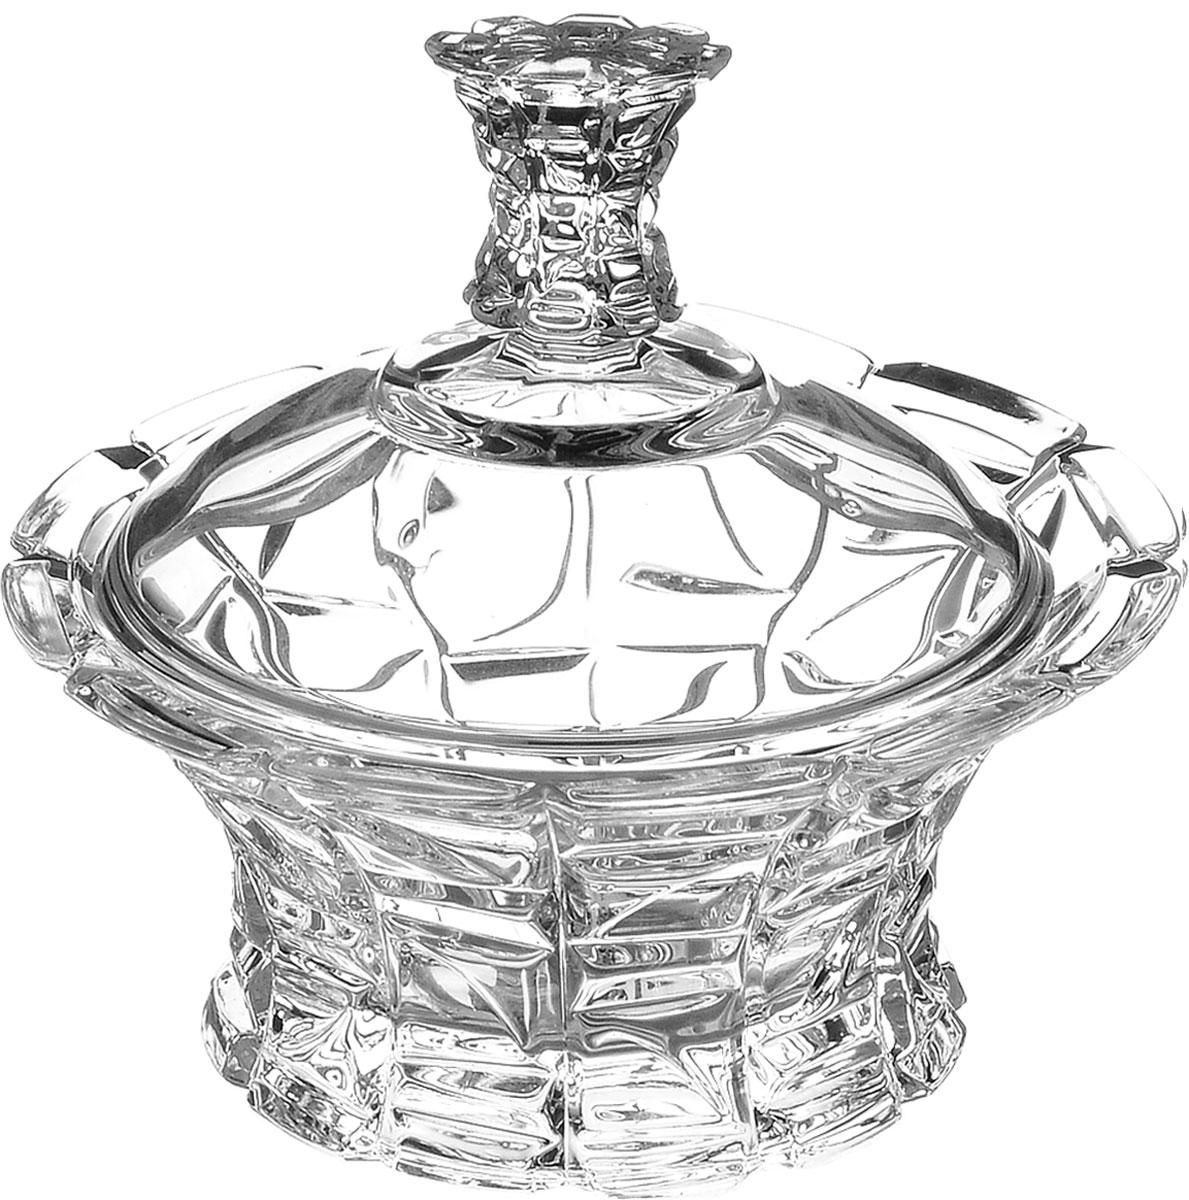 Конфетница Crystal Bohemia, с крышкой, диаметр 12,5 см990/53703/1/47610/125-109Элегантная конфетница Crystal Bohemia выполнена из настоящего чешского хрусталя с содержанием 24% оксида свинца, что придает изделию поразительную прозрачность и чистоту, невероятный блеск, присущий только ювелирным изделиям, особое, ни с чем не сравнимое светопреломление и игру всеми красками спектра как при естественном, так и при искусственном освещении.Изделие предназначено для подачи сладостей (конфет, сахара, меда, изюма, орехов и многого другого). Она придает легкость, воздушность сервировке стола и создаст особую атмосферу праздника. Конфетница Crystal Bohemia не только украсит ваш кухонный стол и подчеркнет прекрасный вкус хозяина, но и станет отличным подарком для ваших близких и друзей. Диаметр конфетницы (по верхнему краю): 12,5 см.Высота конфетницы (с учетом крышки): 11,5 см.